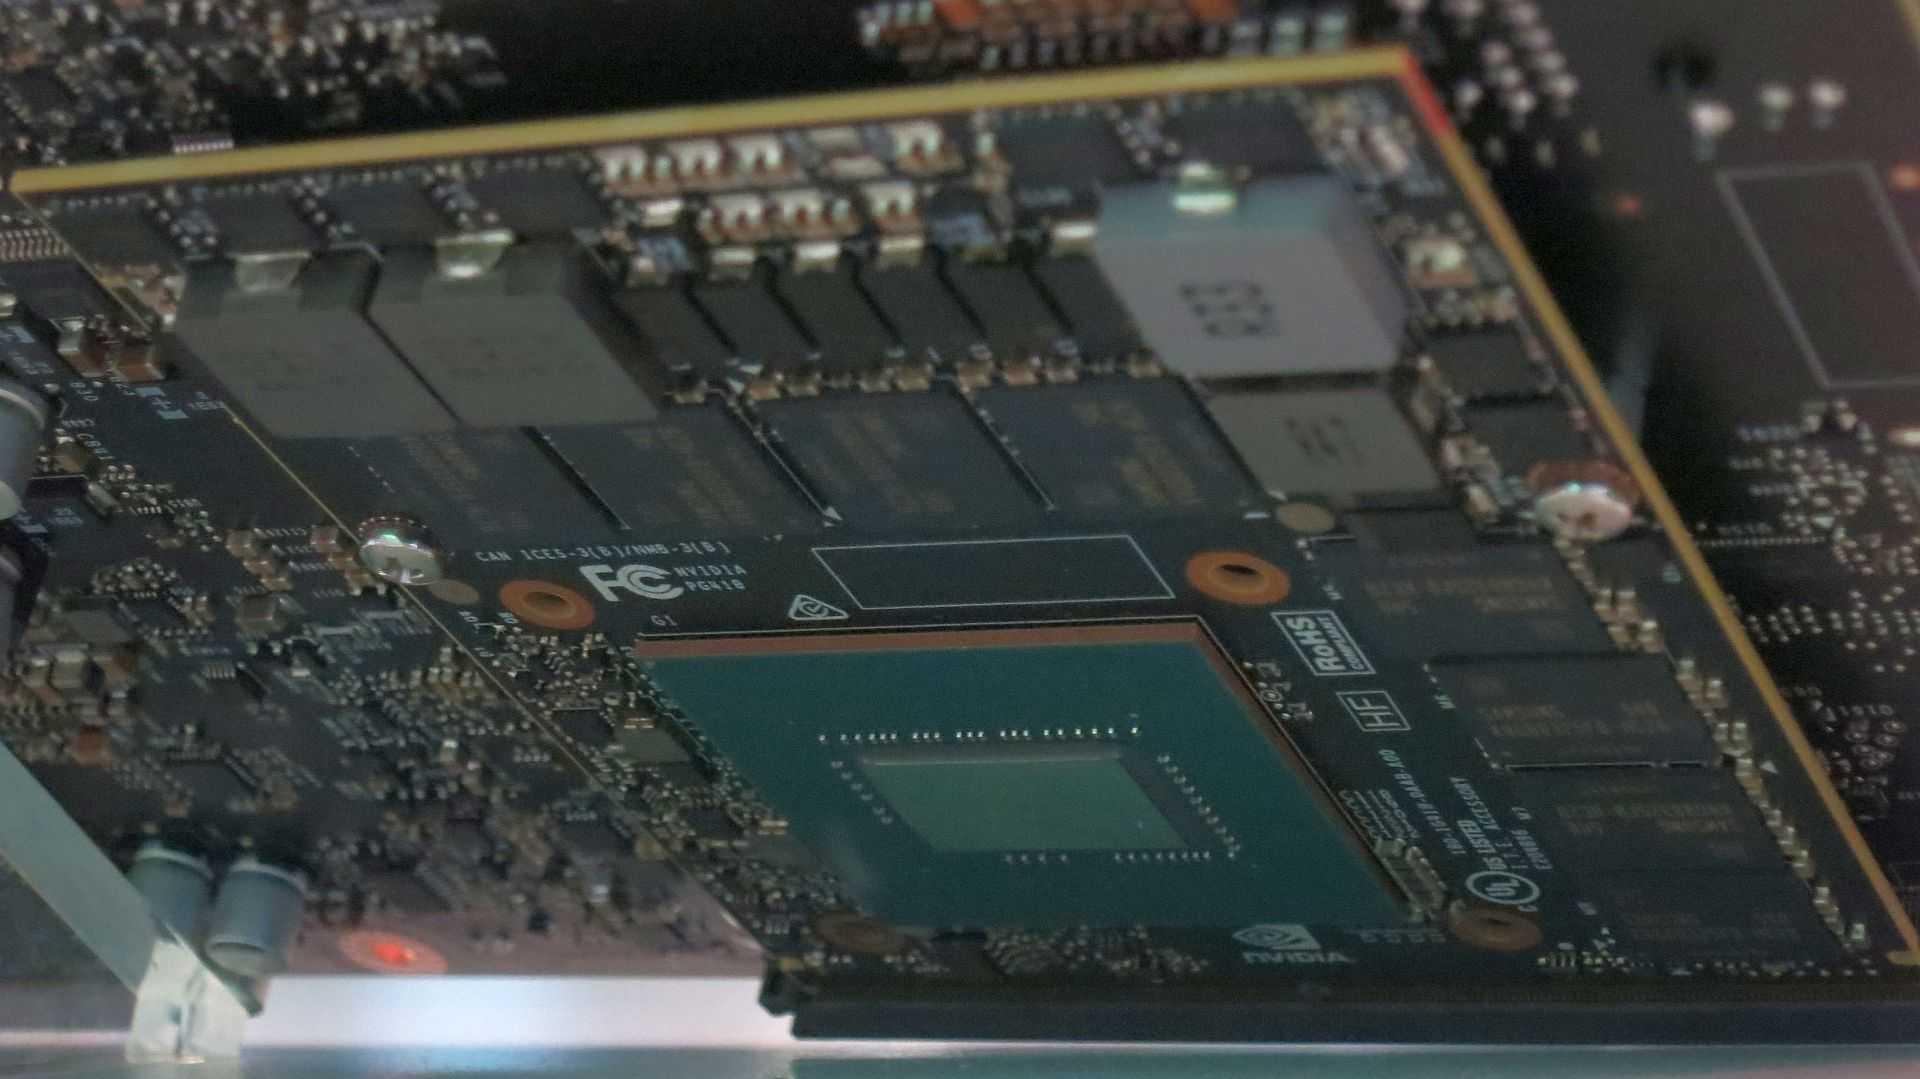 Auch der Auto-Computer Drive PX 2 war auf der Messe ausgestellt, allerdings hinter Plexiglas. Nvidia erschwerte einen genauen Blick auf die vermeintlichen Pascal-Chips.